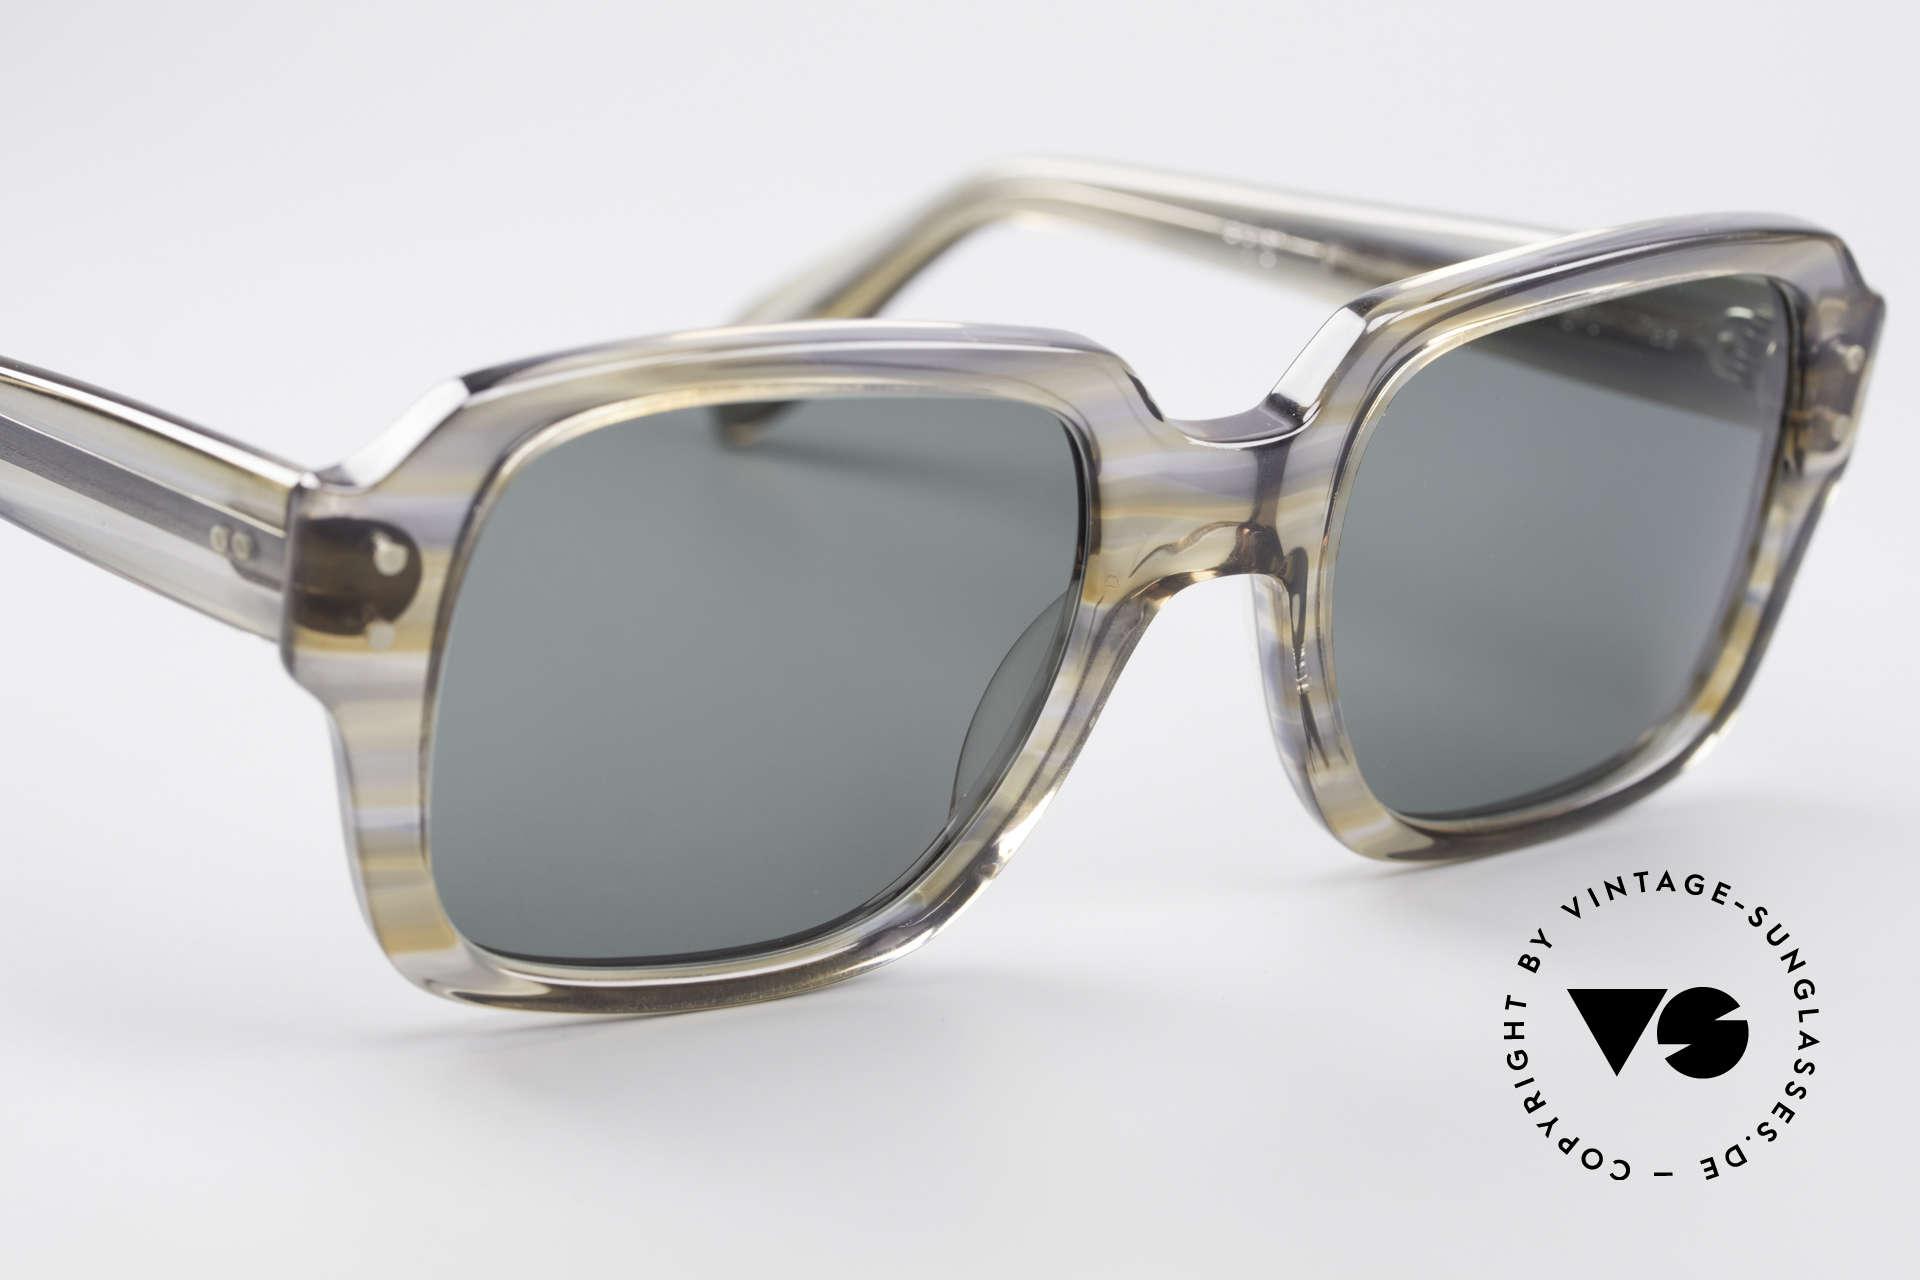 Metzler 448 Small 70's Sunglasses, never worn (like all our vintage METZLER nerd glasses), Made for Men